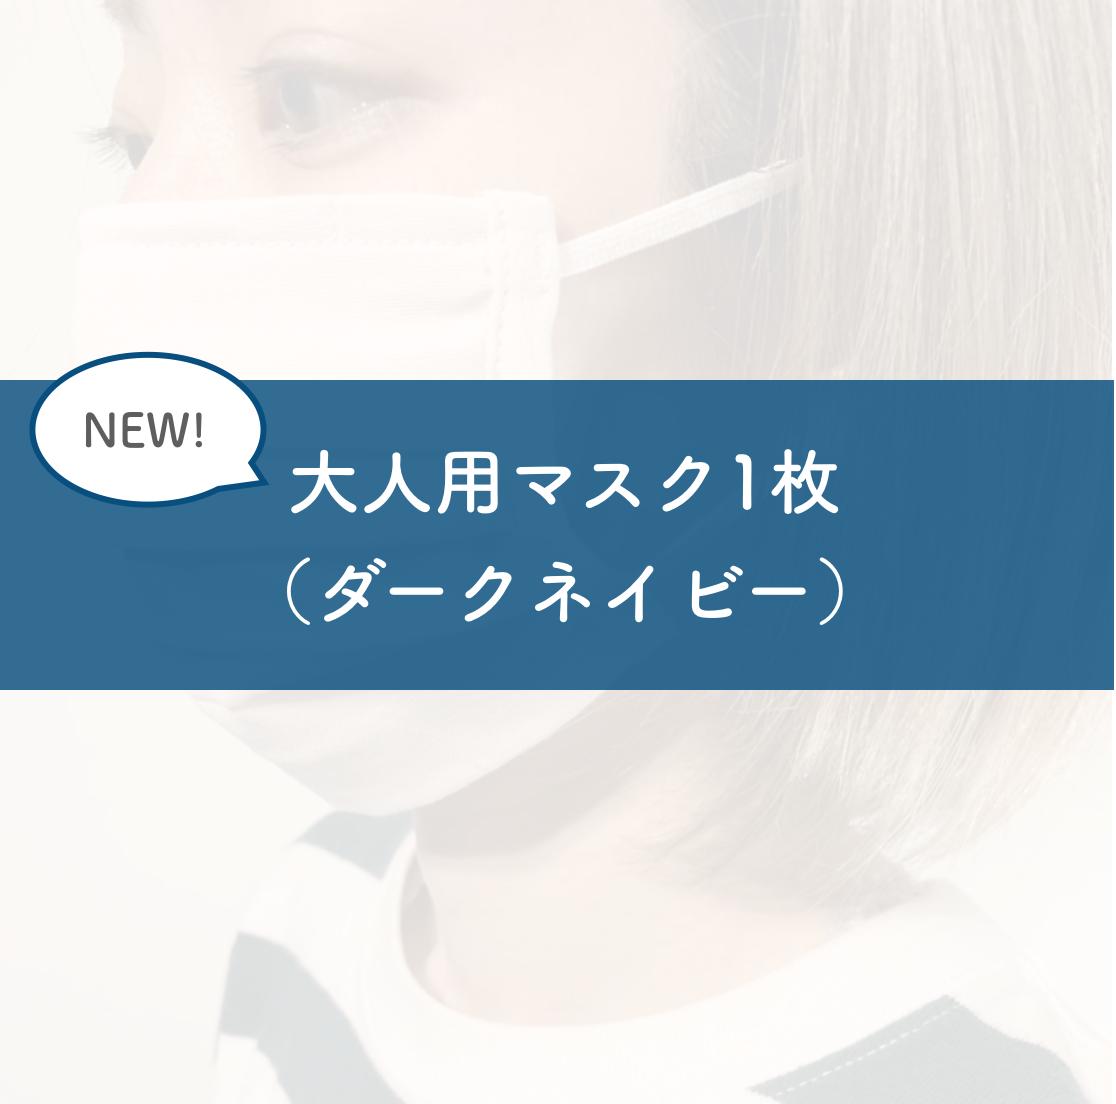 限定販売【限定数 / 送料無料】LUCYオリジナルオーガニックコットンマスク(ダークネイビー)